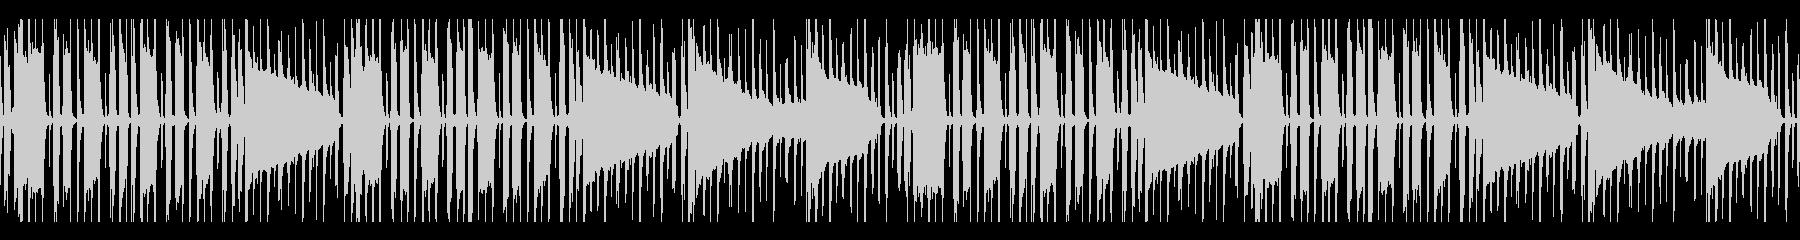 ドライな質感のベース&ドラムのみBGMの未再生の波形